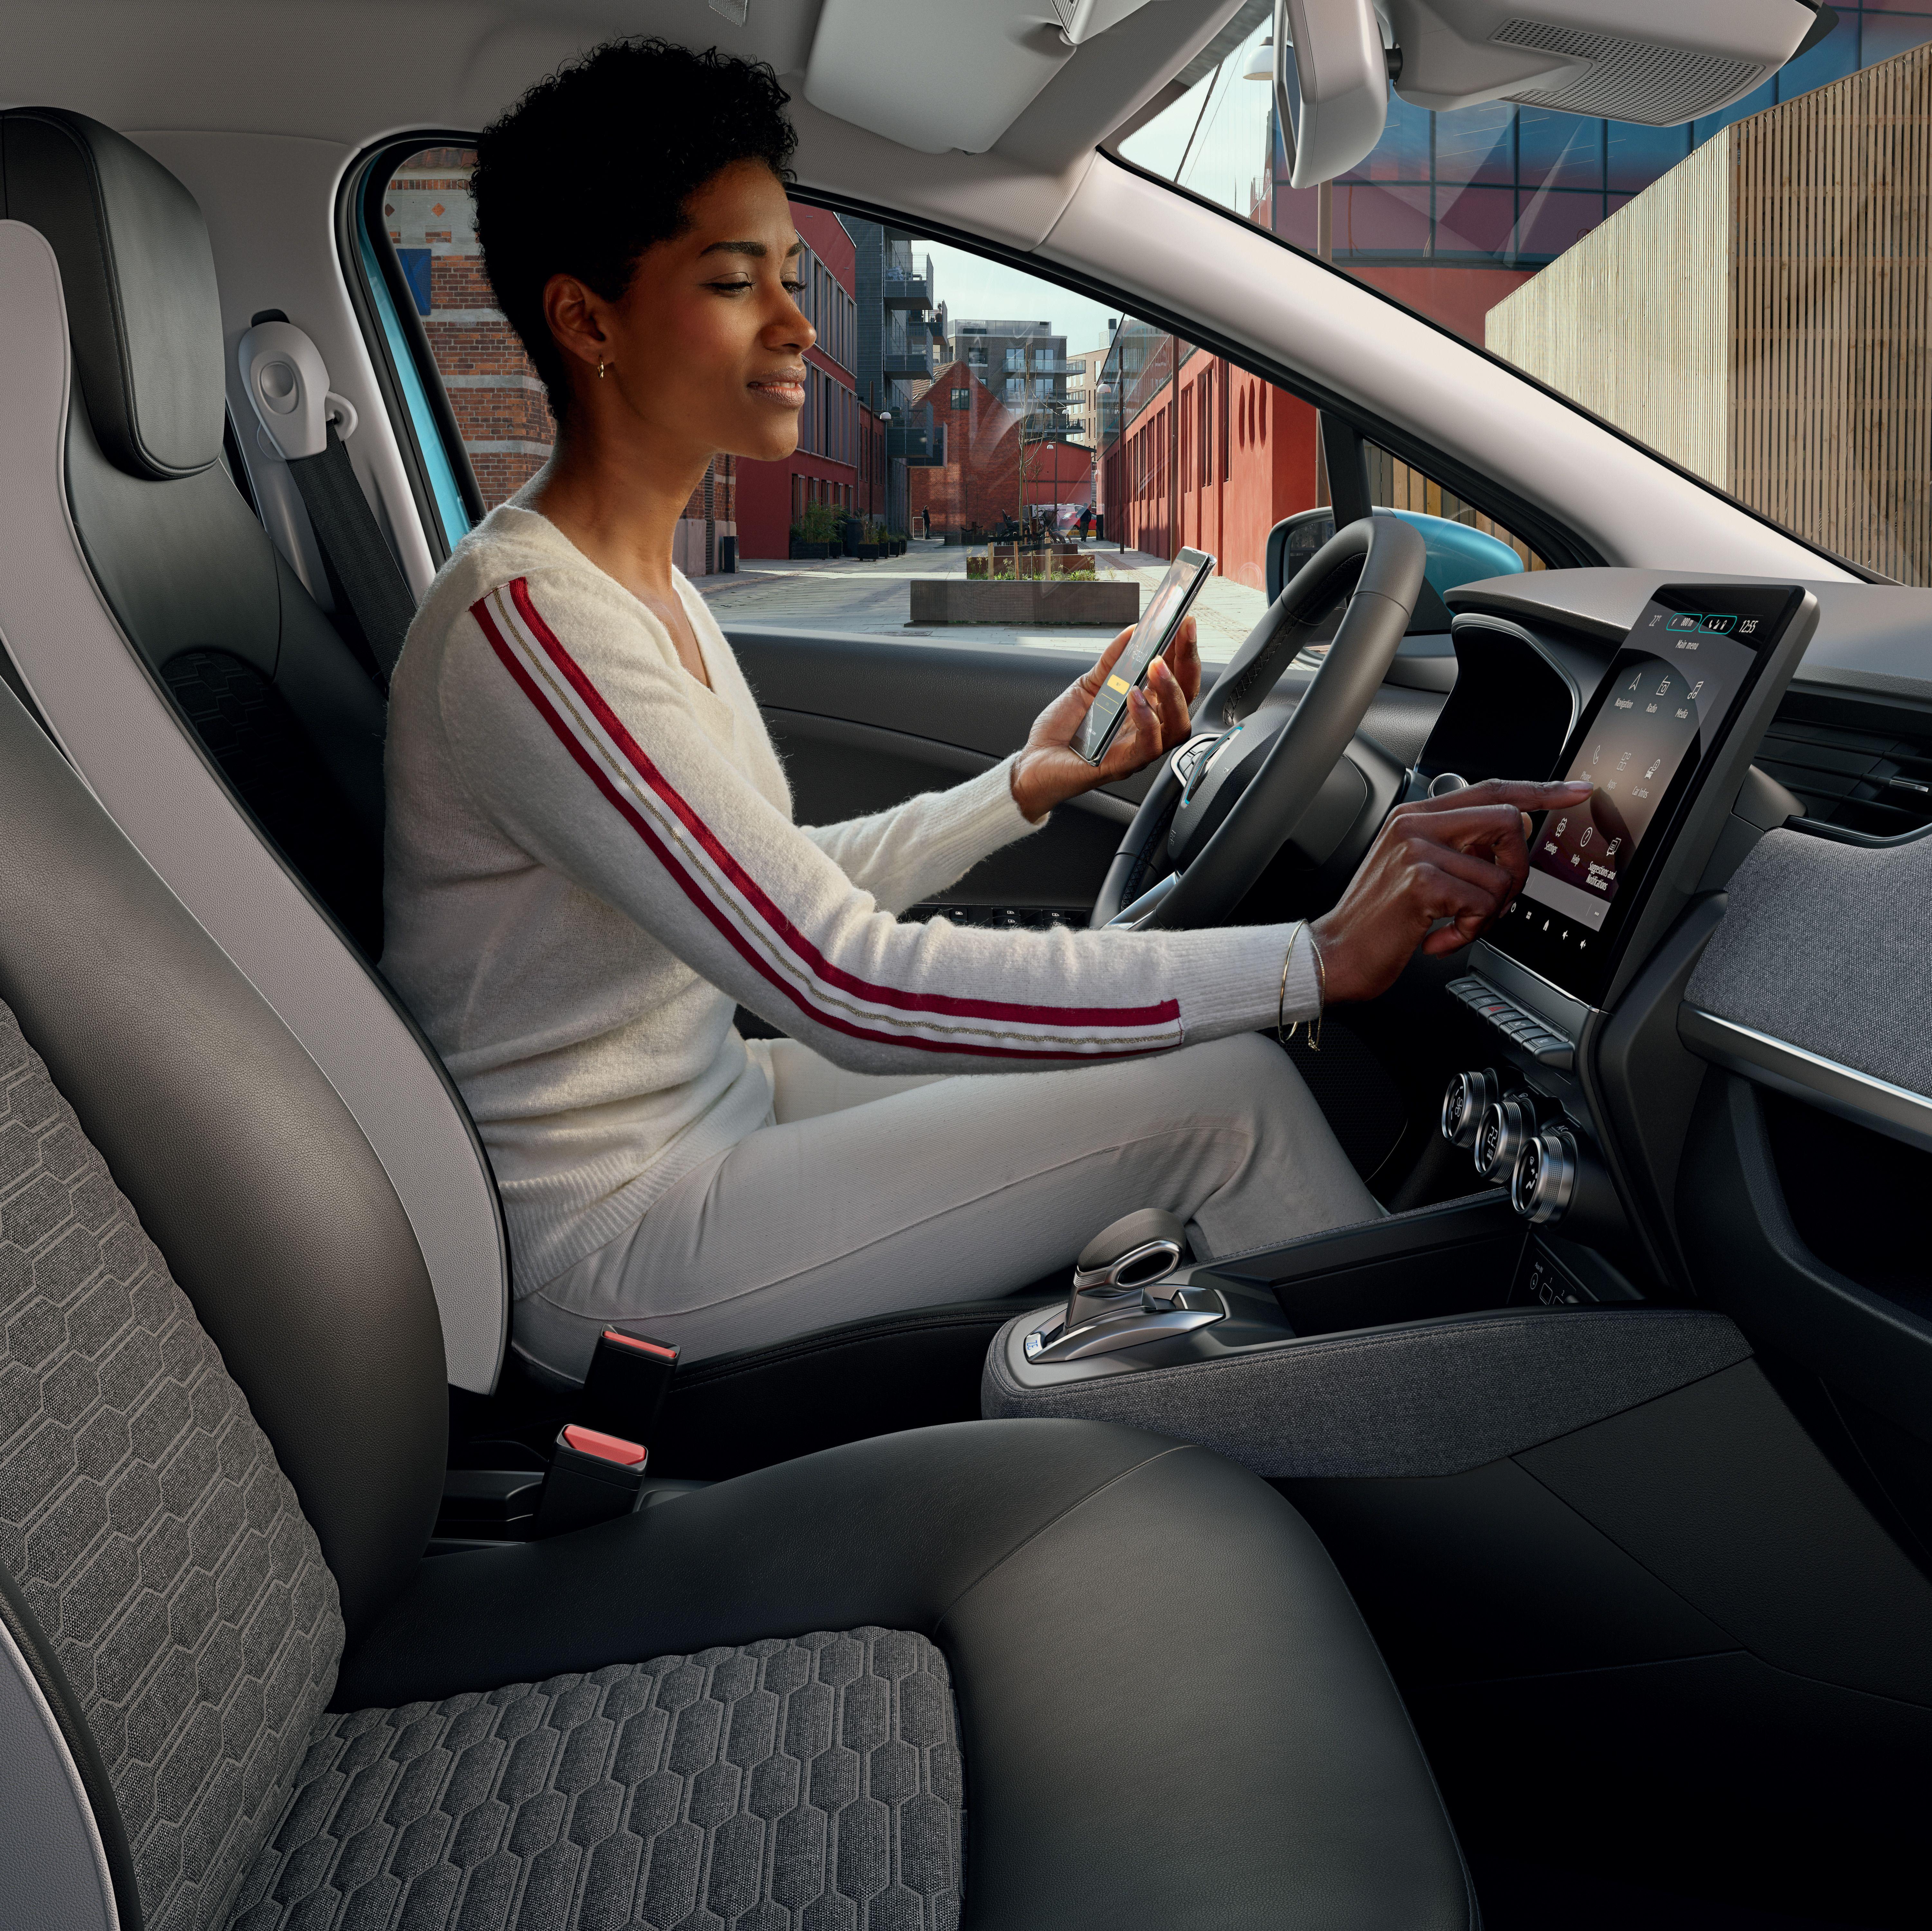 Elektromobilität – mit Komfort und Sicherheit Image 1